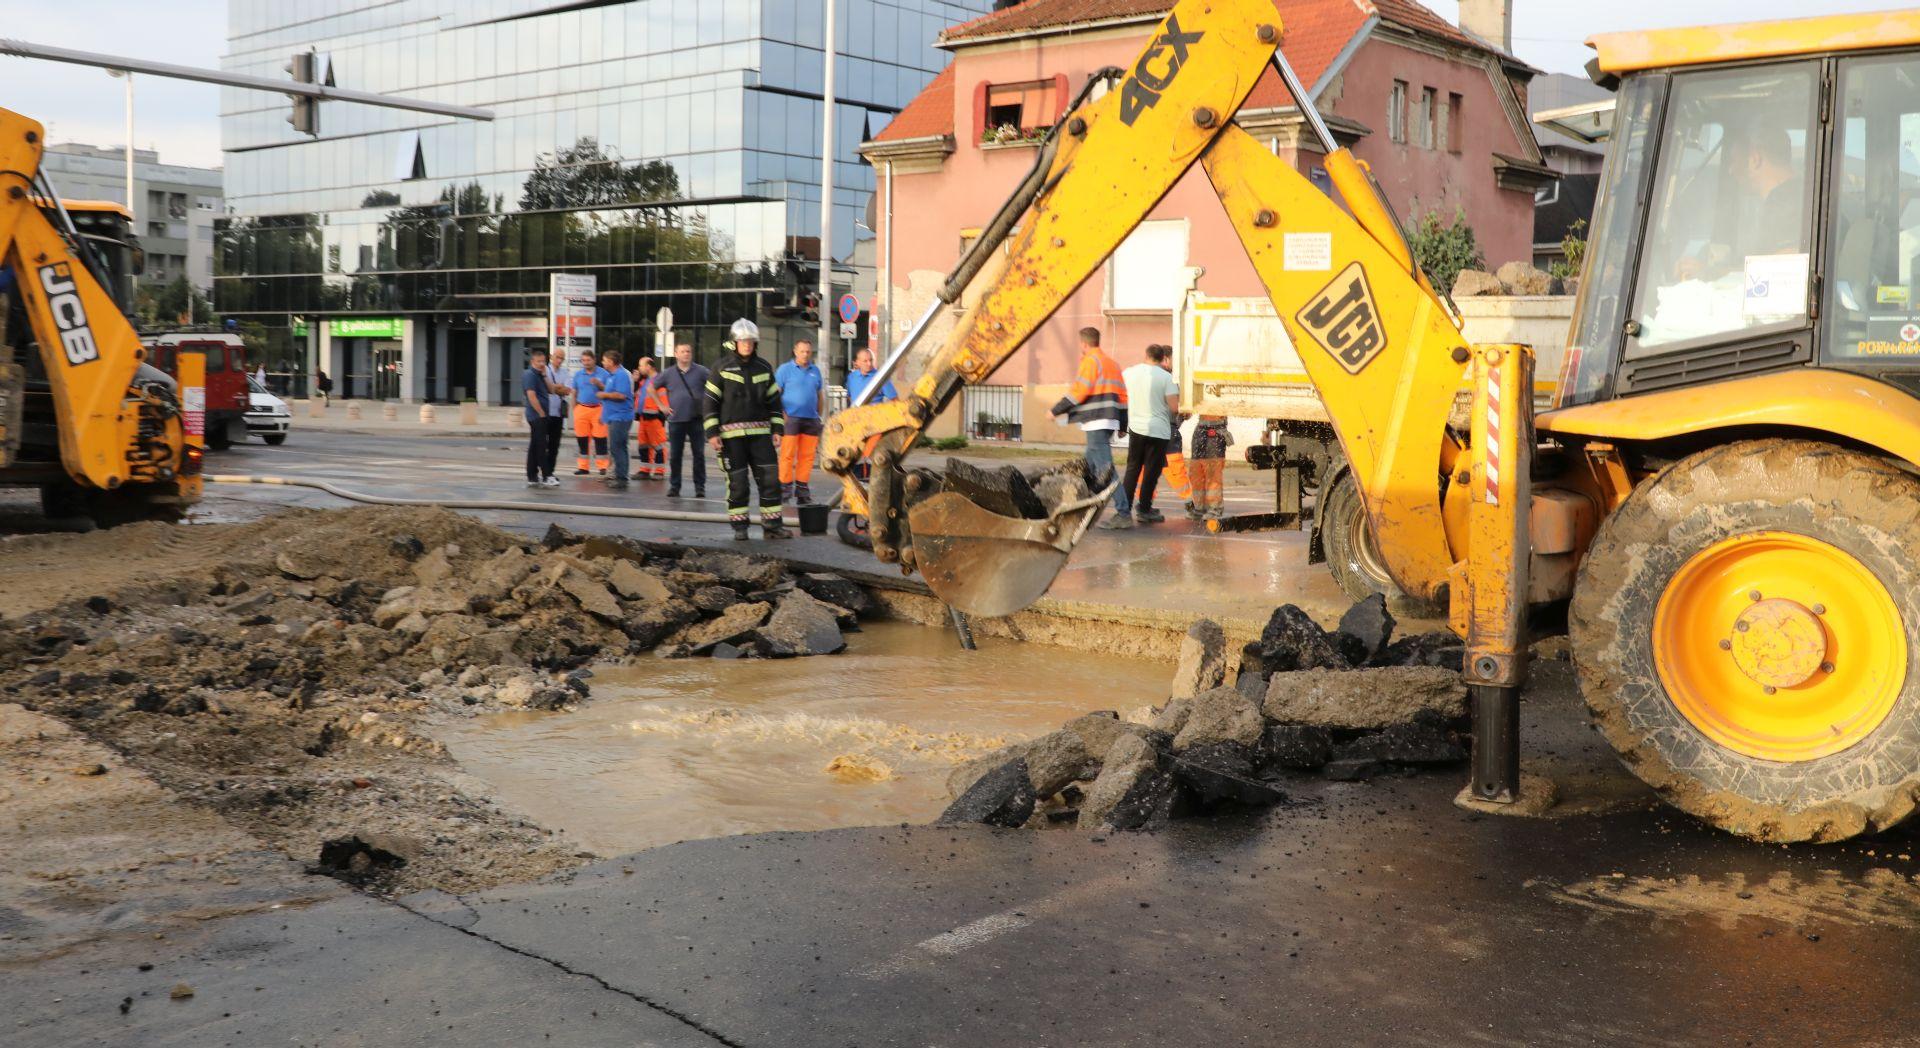 KAOS U ZAGREBU Zbog puknuća cijevi velike gužve, građani bez vode